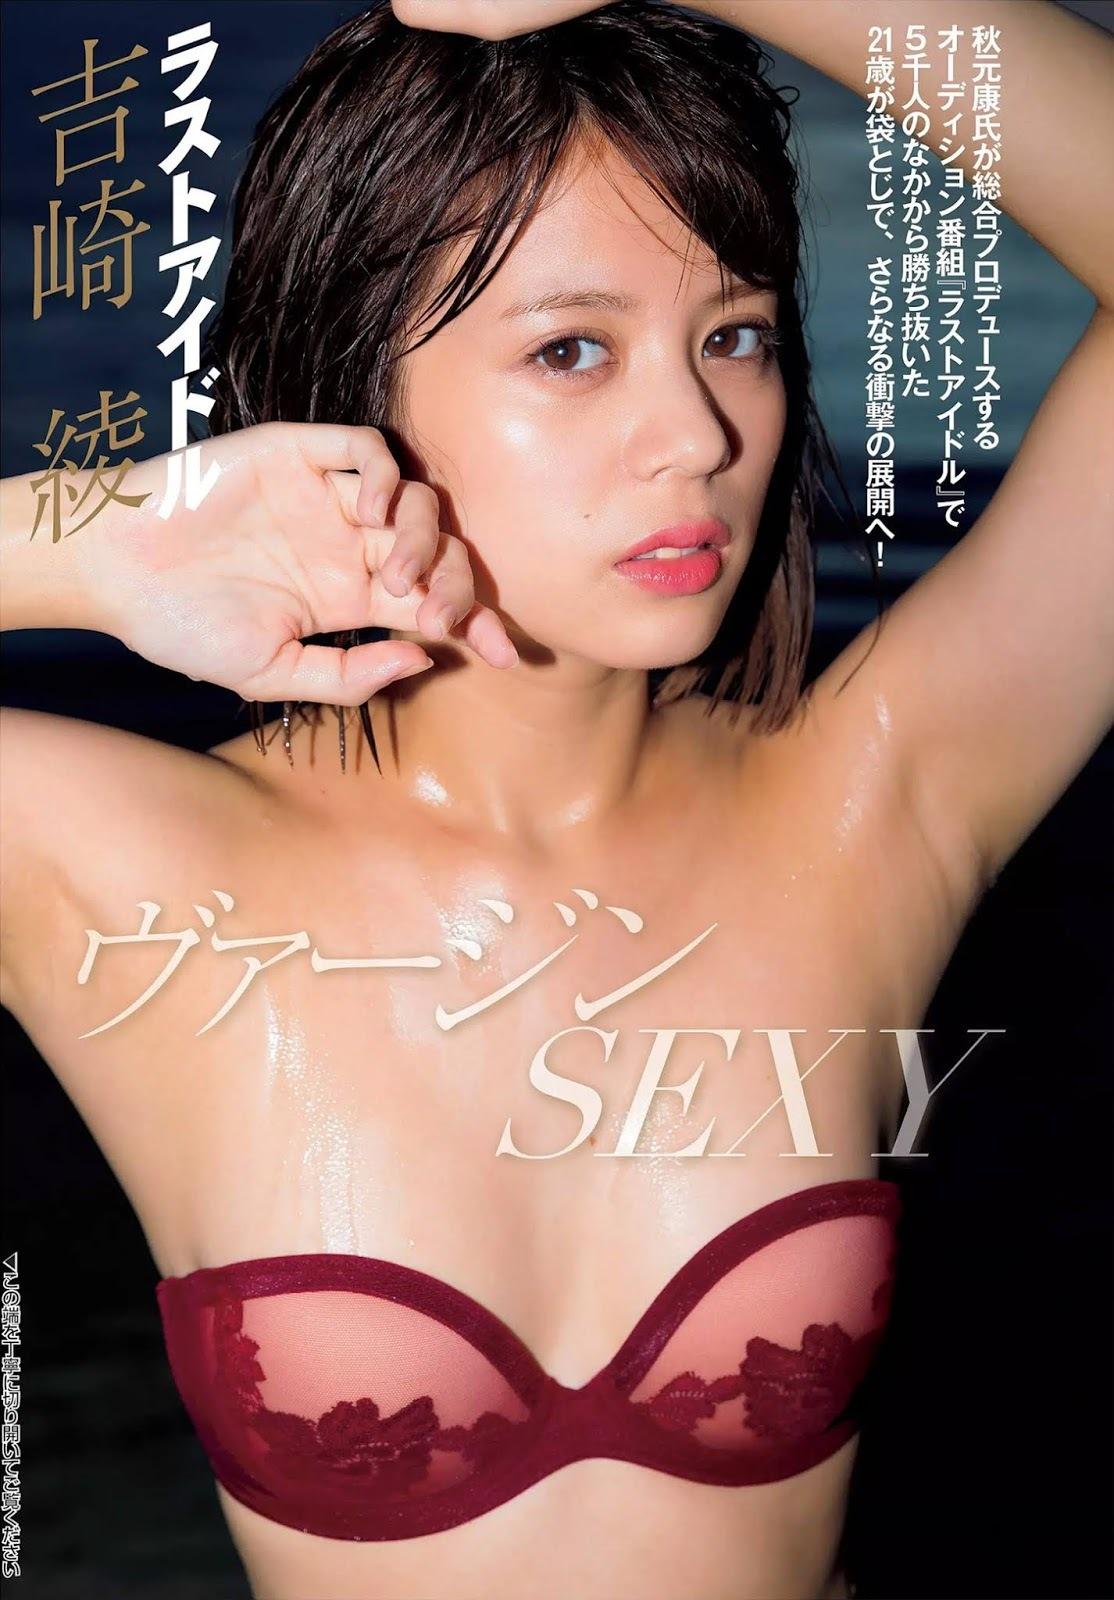 吉崎綾30